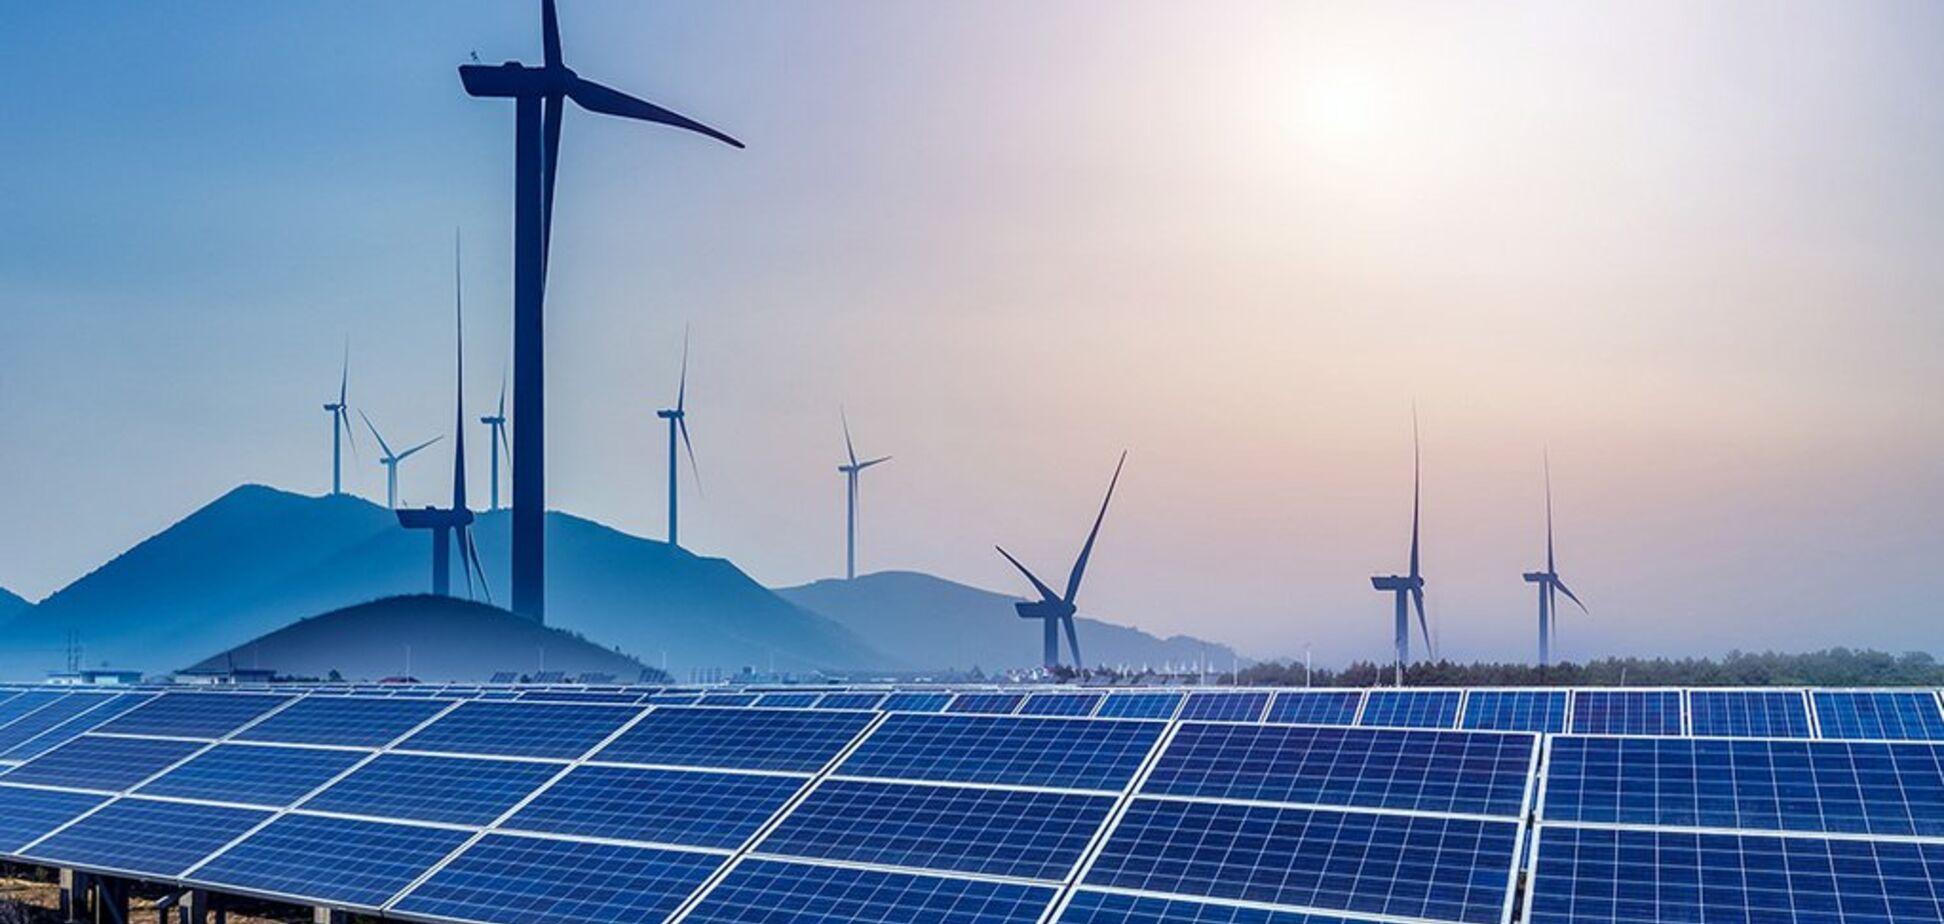 Продуктивність вища в кілька разів: названо кращий спосіб заробити на 'зеленій' енергетиці